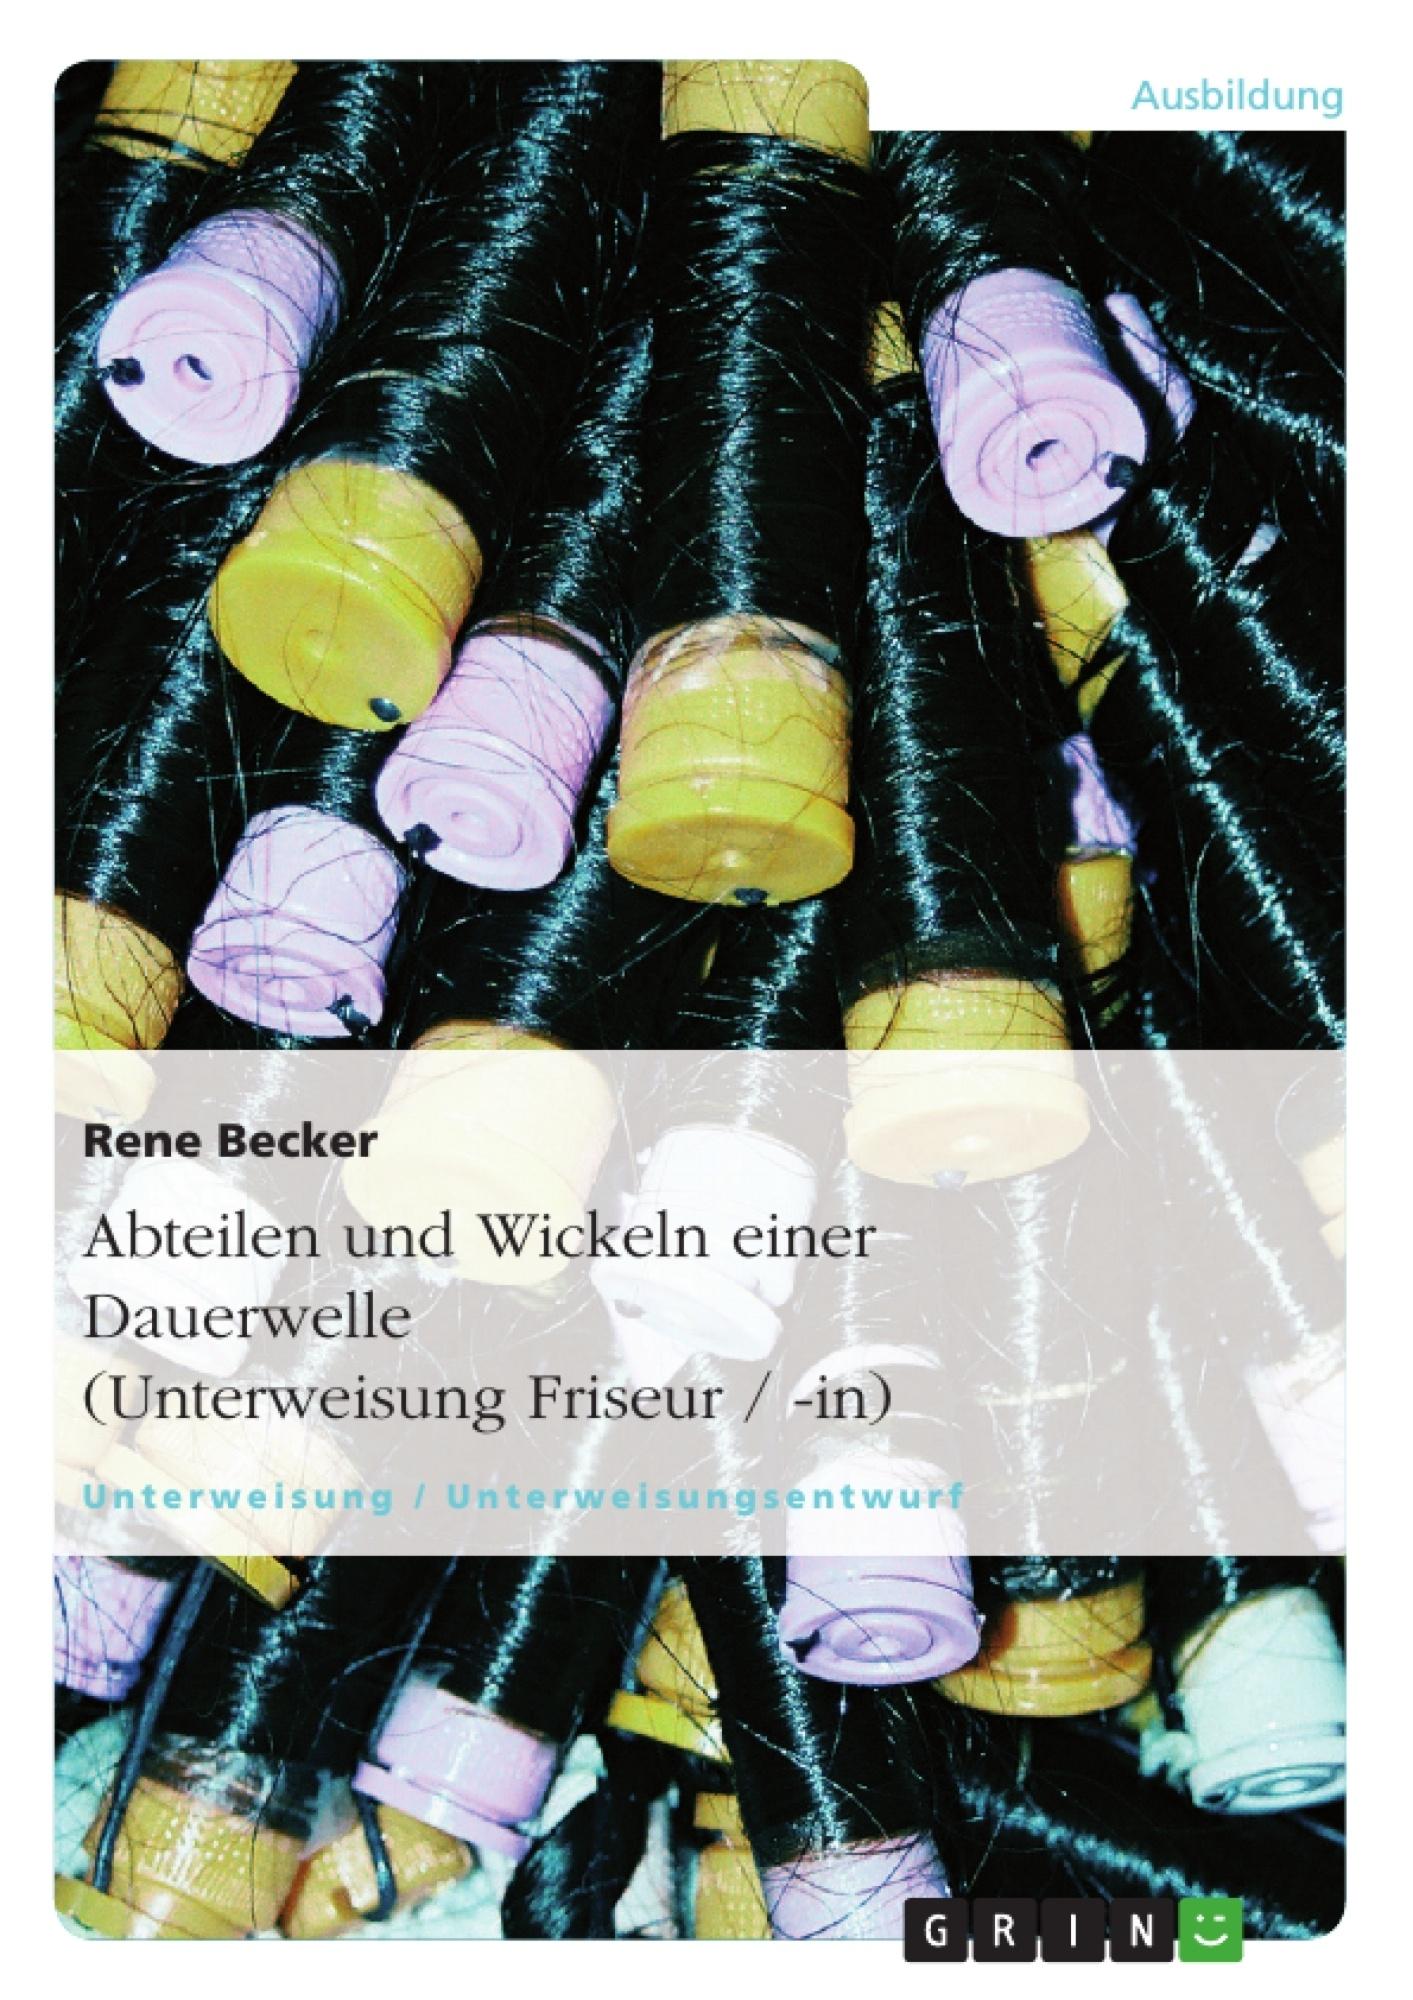 Titel: Abteilen und Wickeln einer Dauerwelle (Unterweisung Friseur / -in)